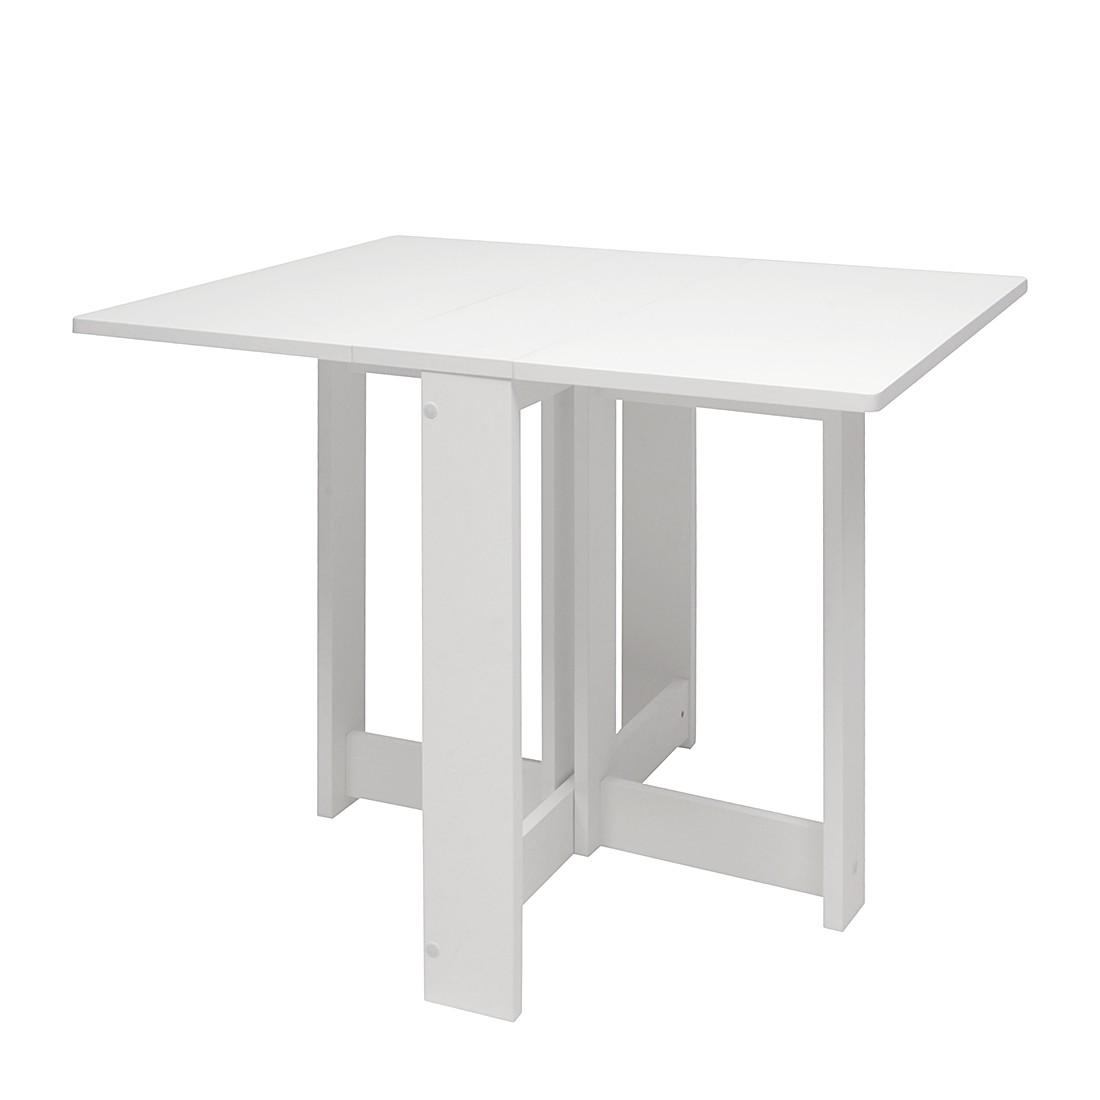 Tavolo portatile richiudibile pratik 2 per manicure prezzo e offerte sottocosto - Tavolo richiudibile ...